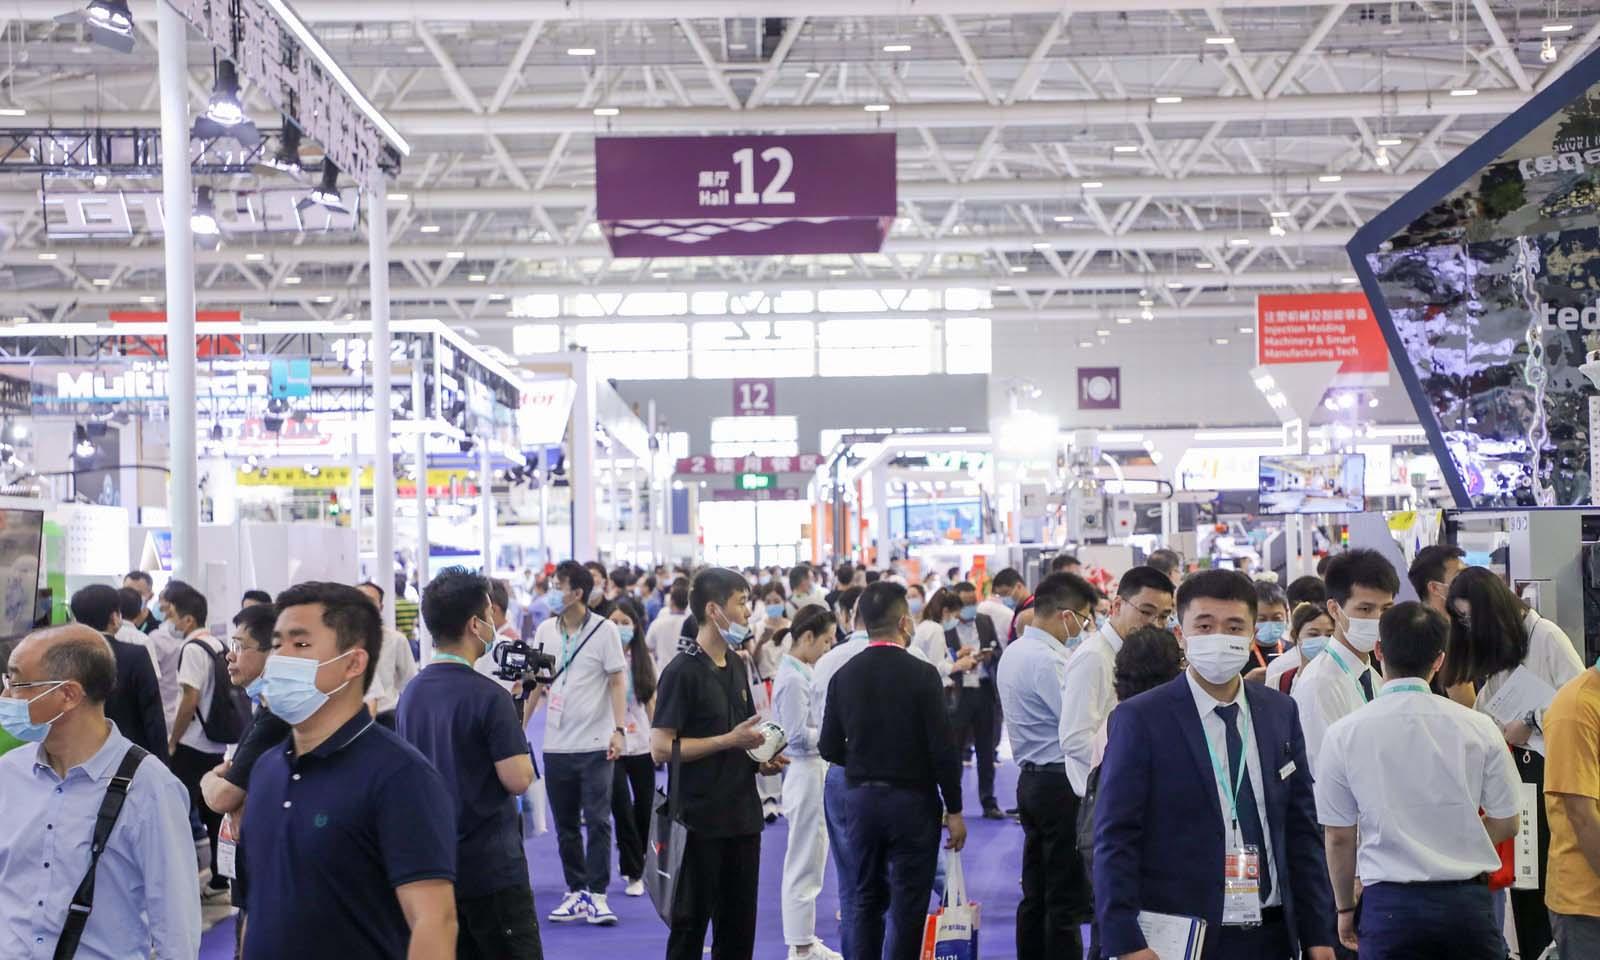 仲铂Zonpak参加2021年第18届橡胶技术展览会及橡胶减震论坛